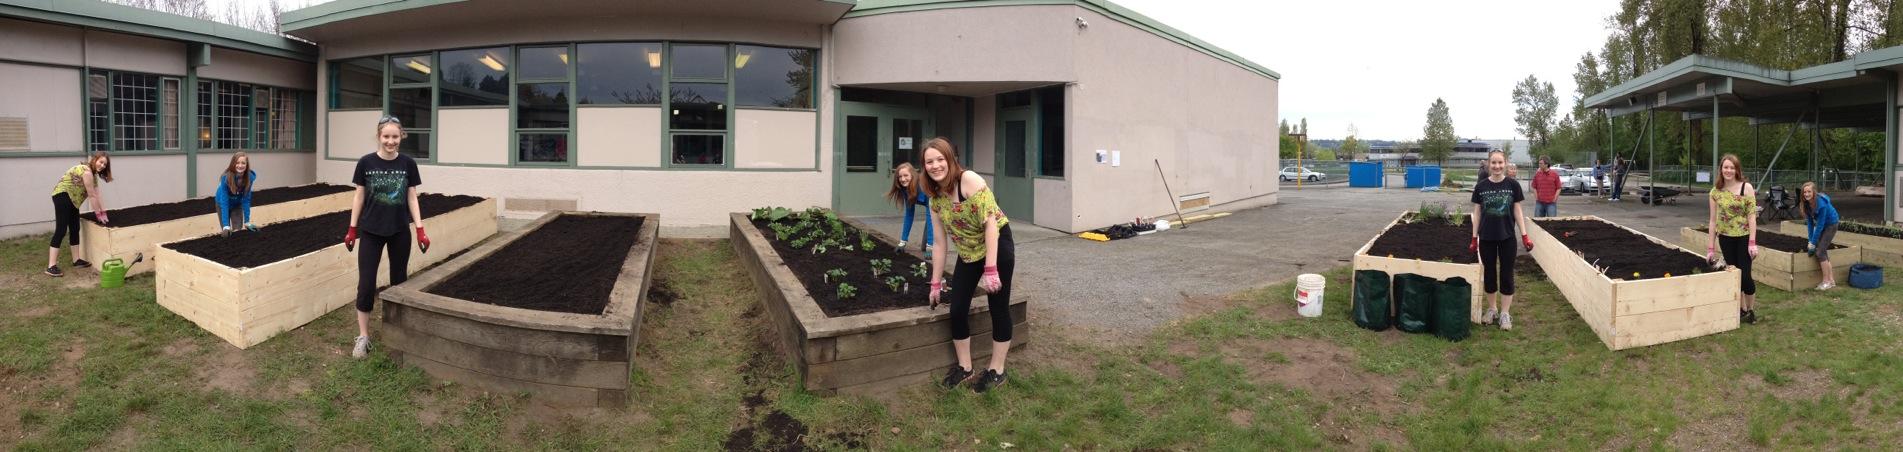 iHub Garden Build